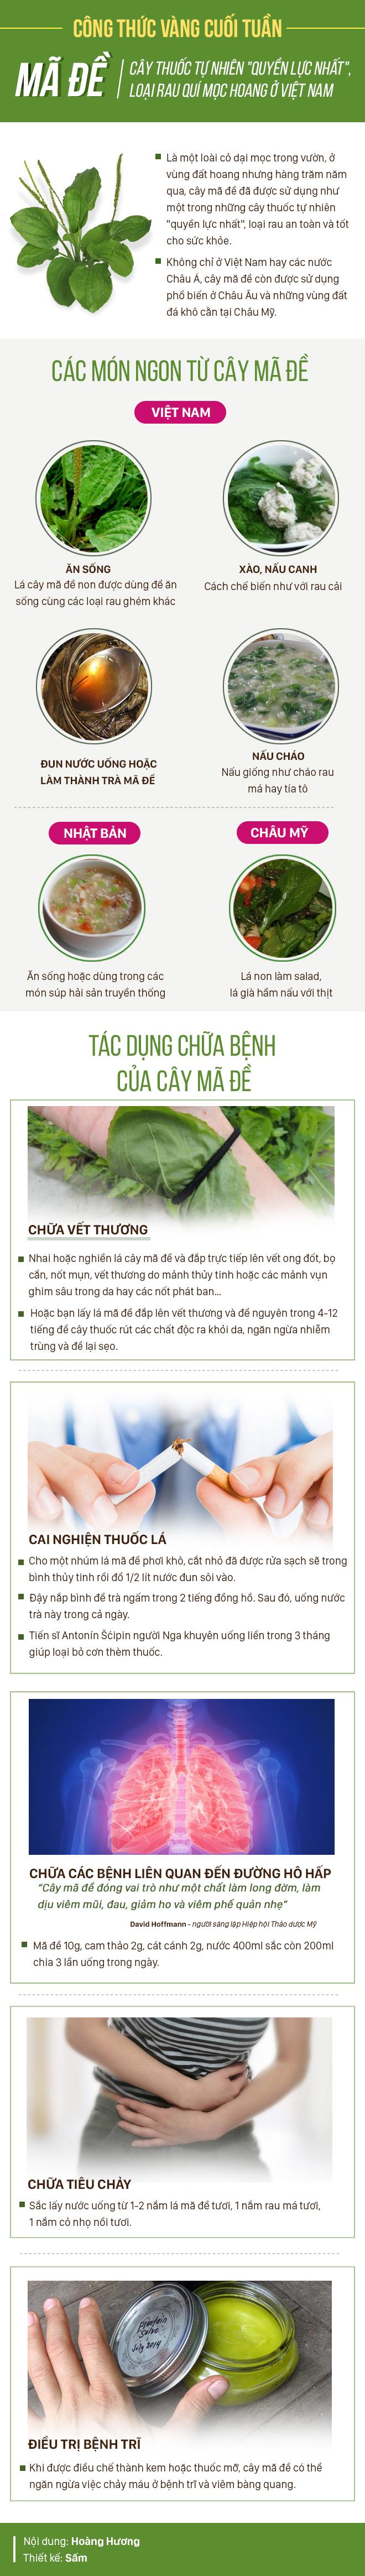 Lòng lợn khuấy đảo Hà Nội - Phú Yên, rau Trung Quốc tấn công ồ ạt - Ảnh 9.